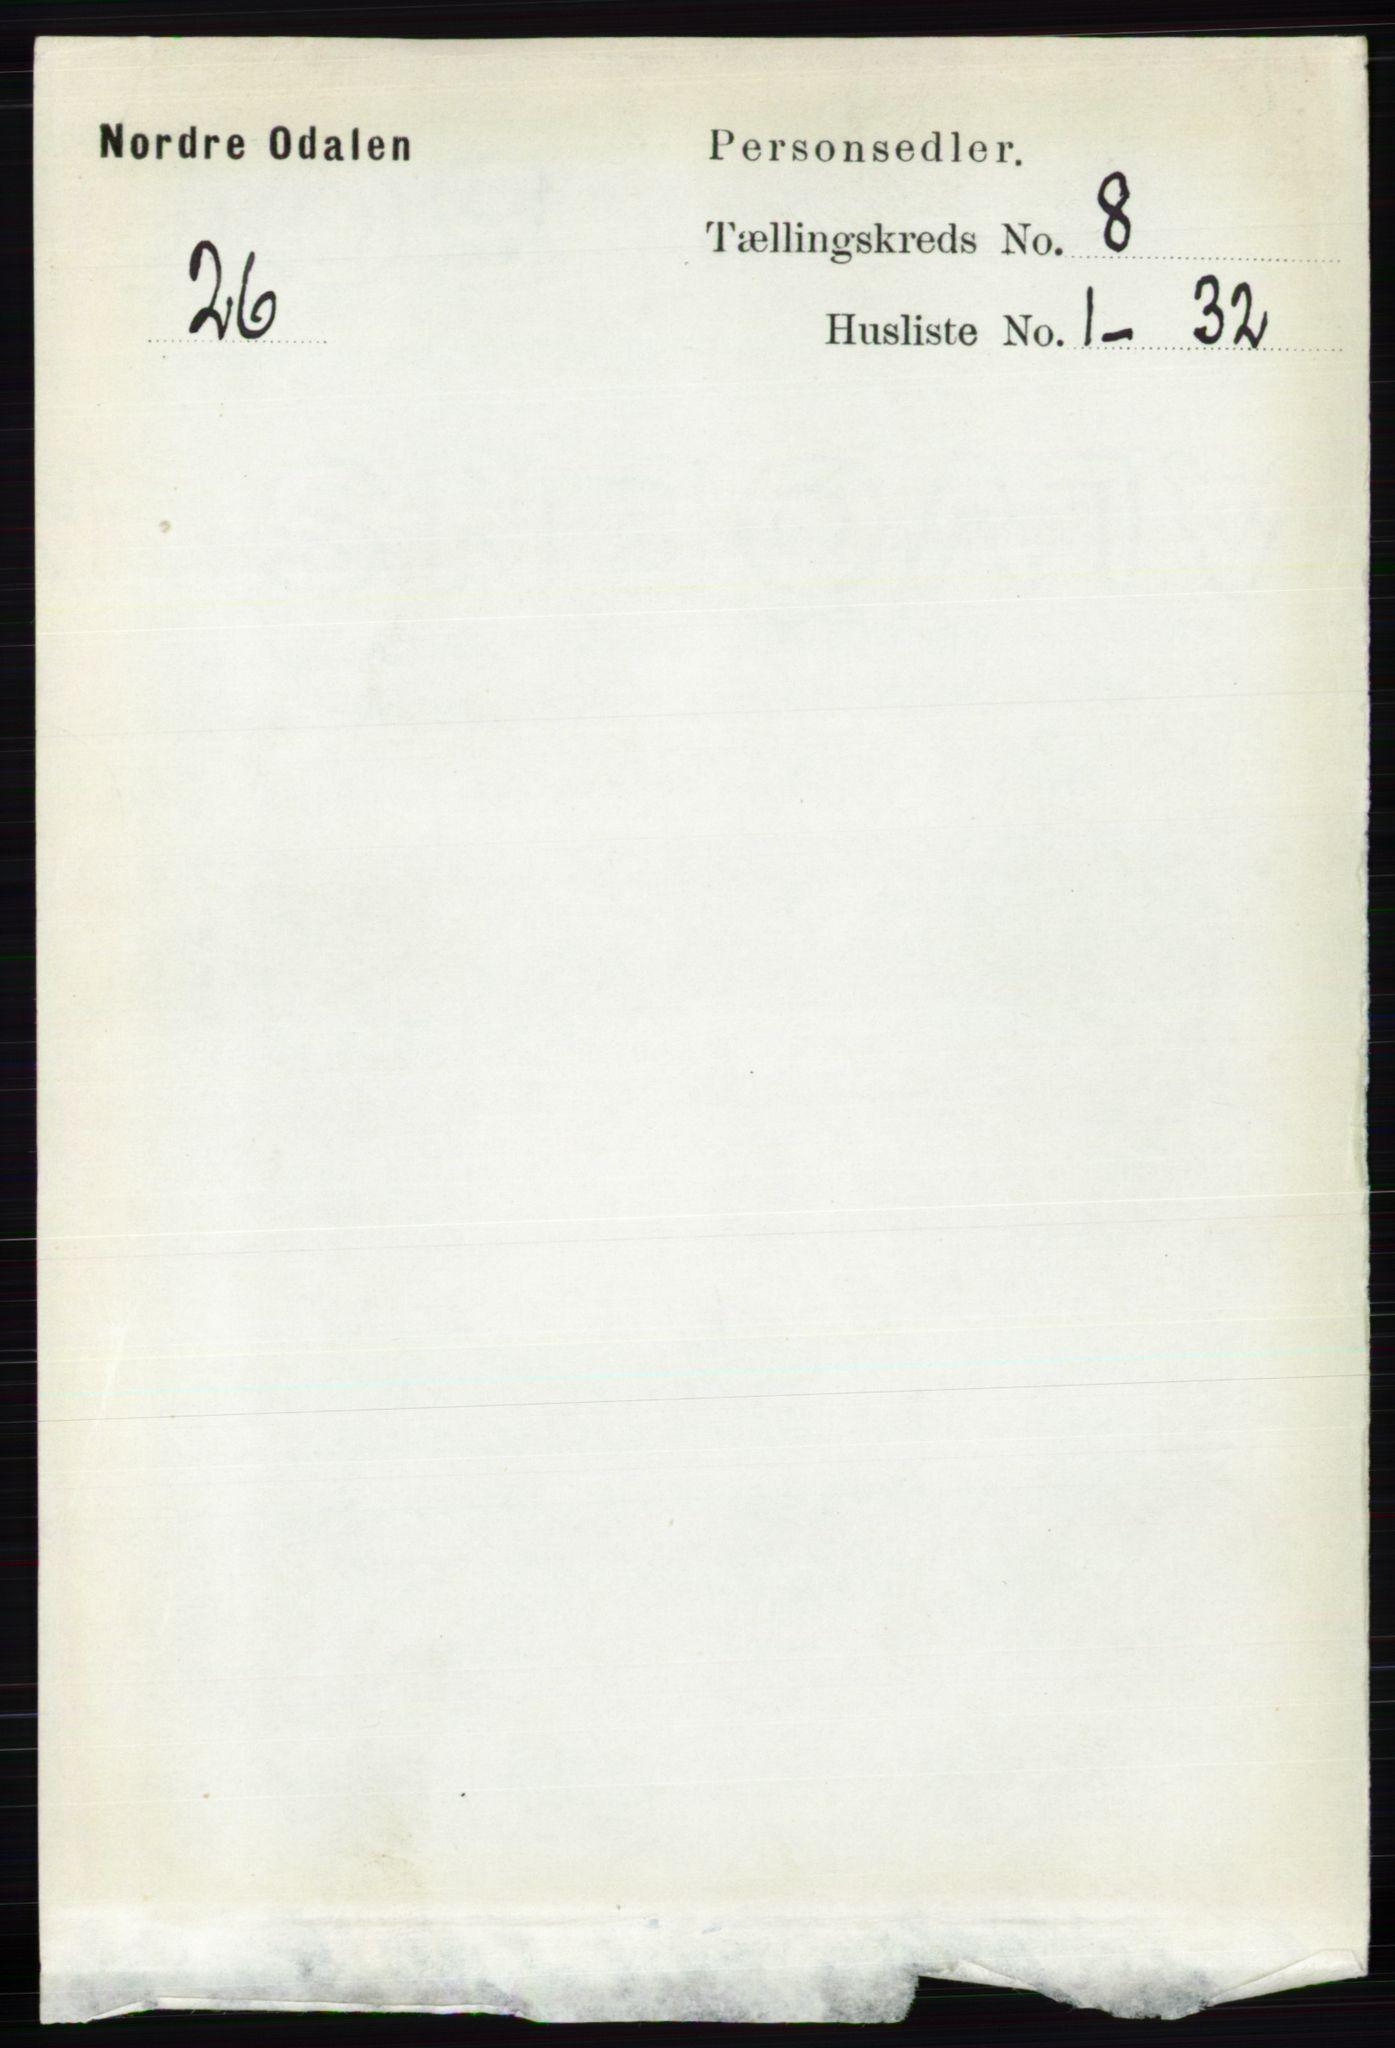 RA, Folketelling 1891 for 0418 Nord-Odal herred, 1891, s. 3293